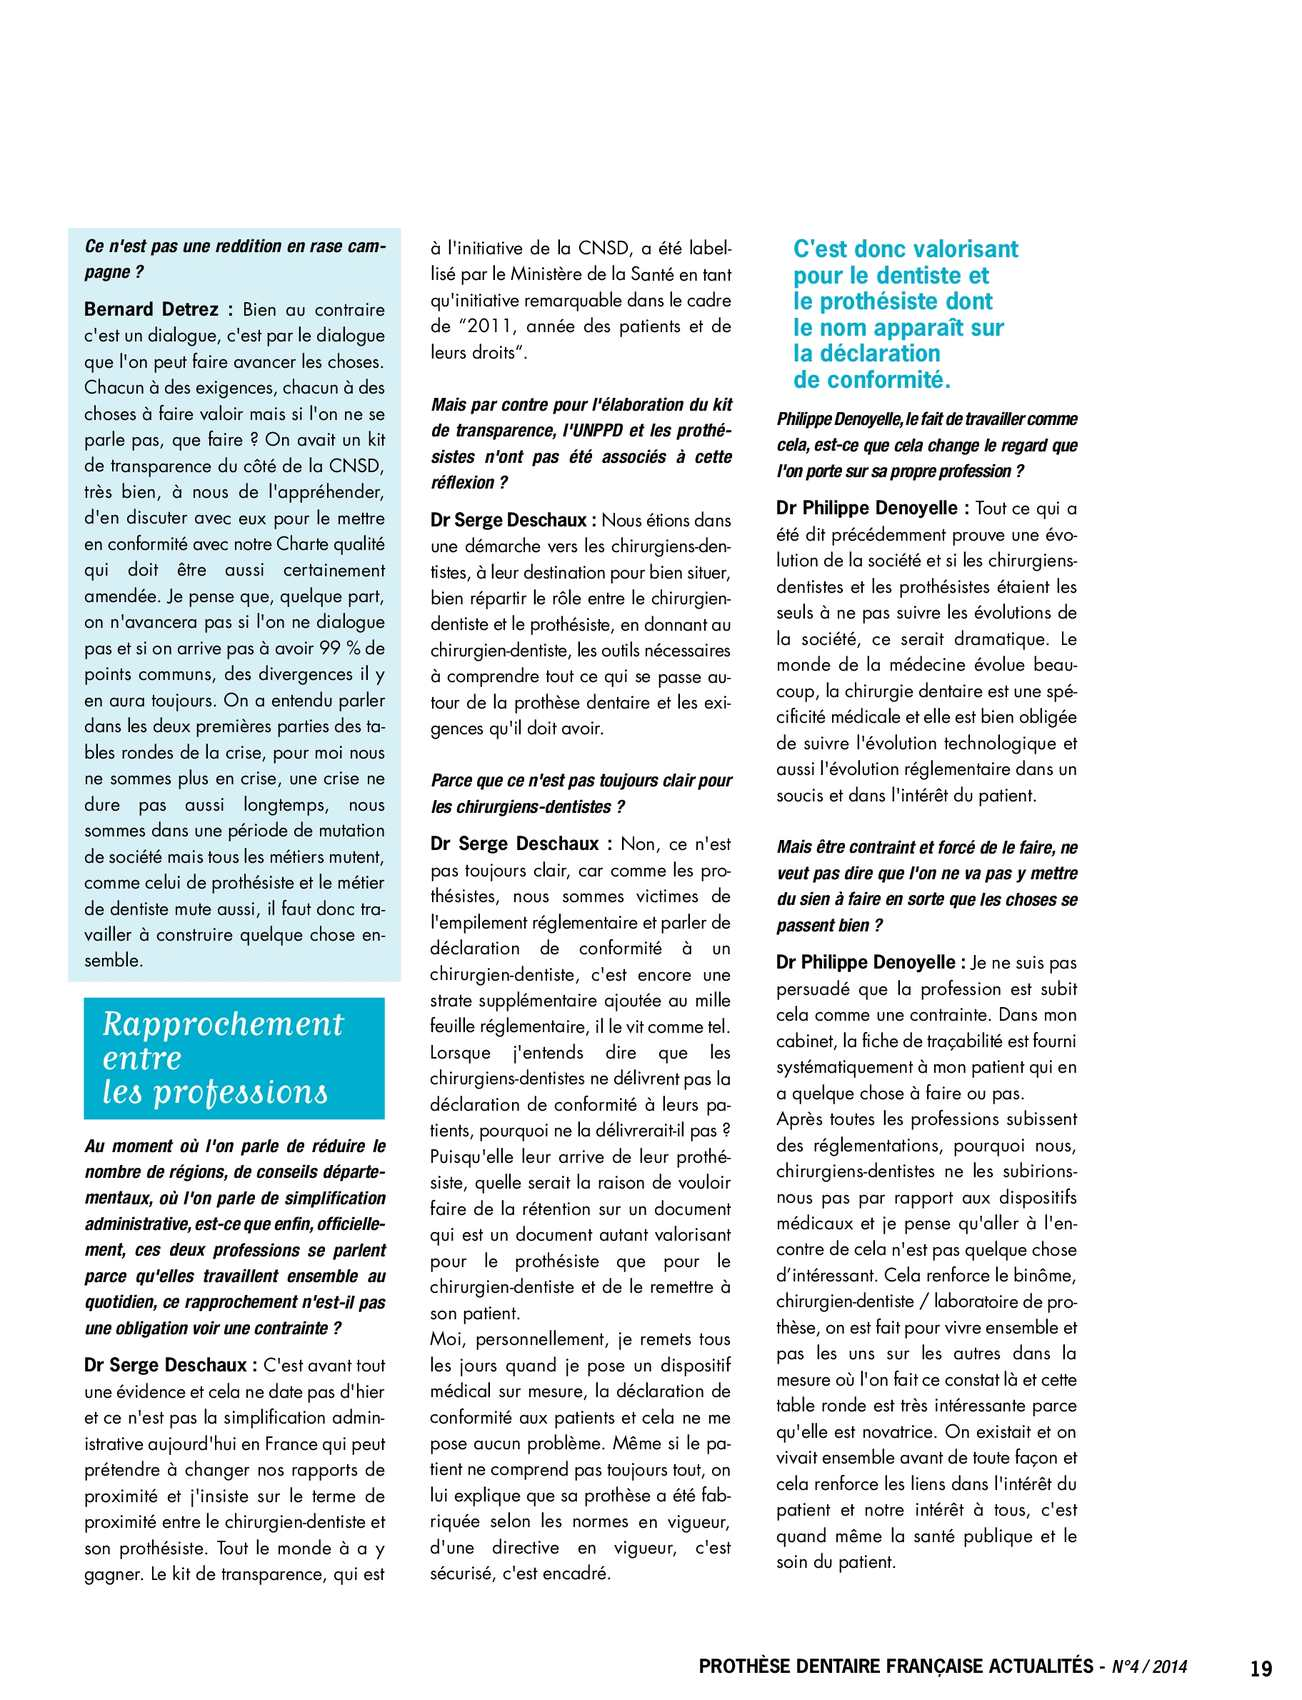 Prothèse Dentaire Française Actualités n°4/2014 - CALAMEO Downloader